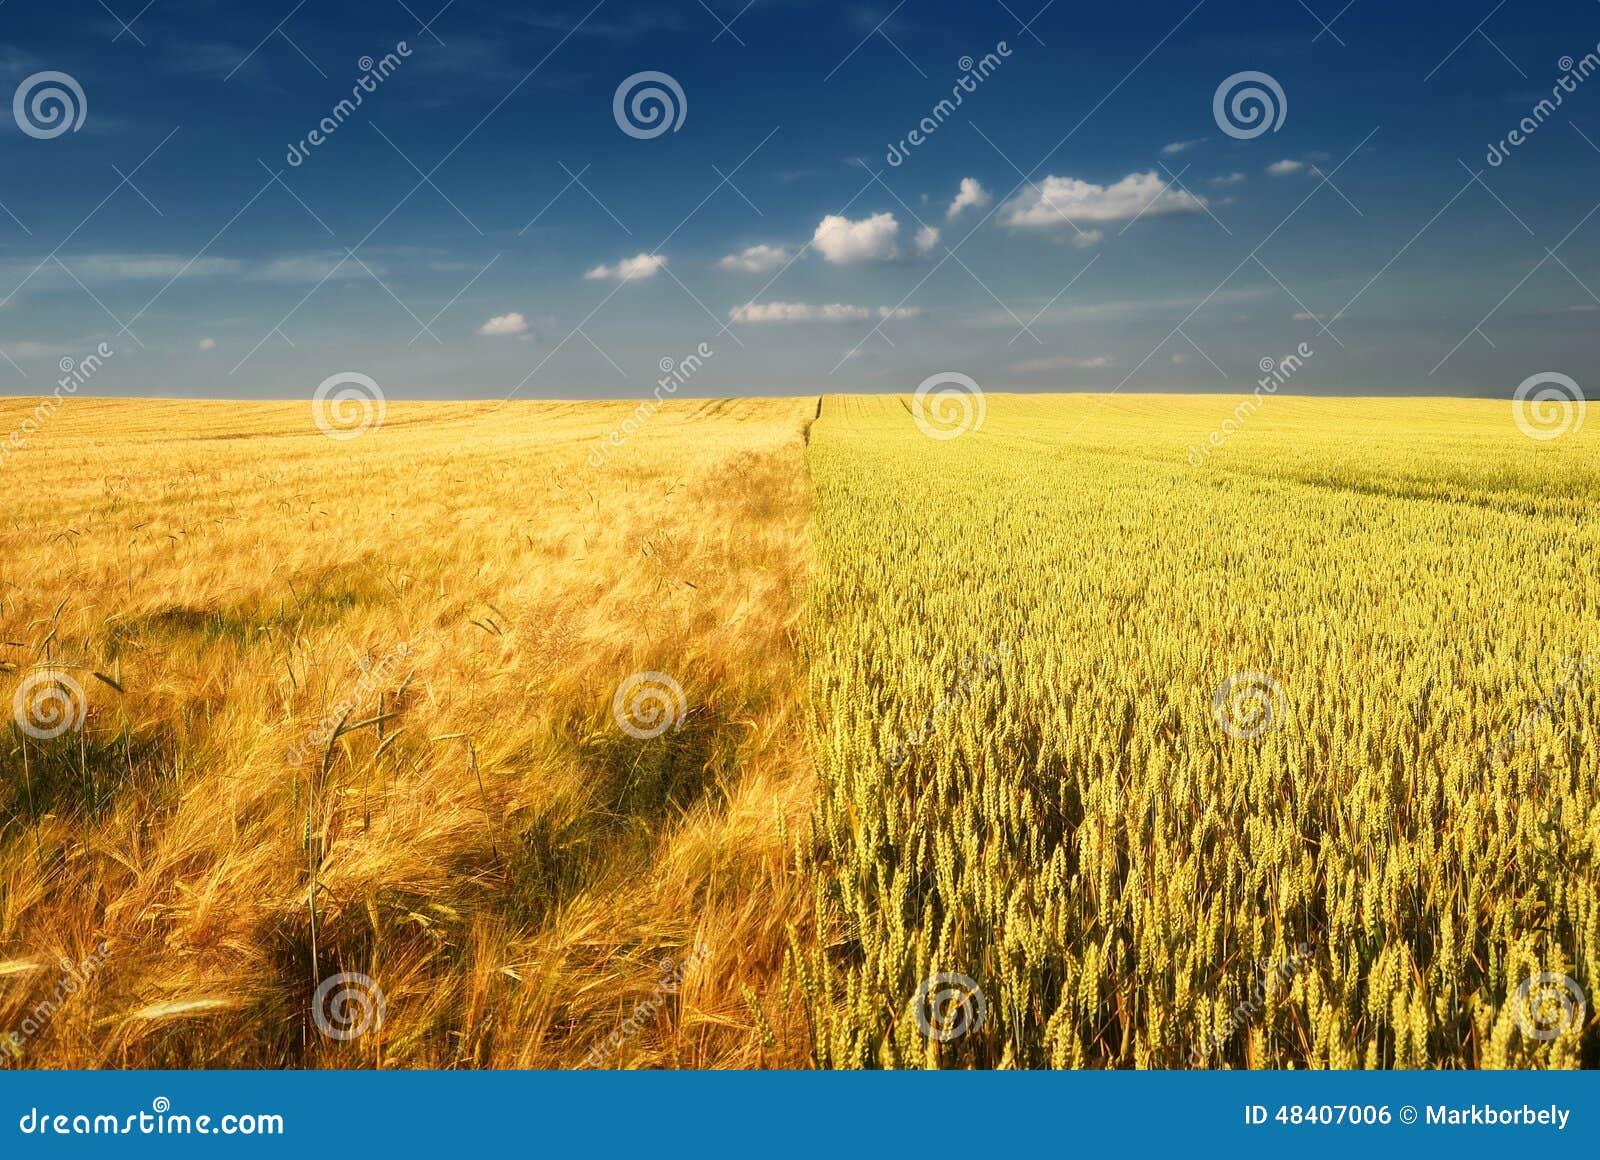 Gouden tarwegebied en bewolkte hemel